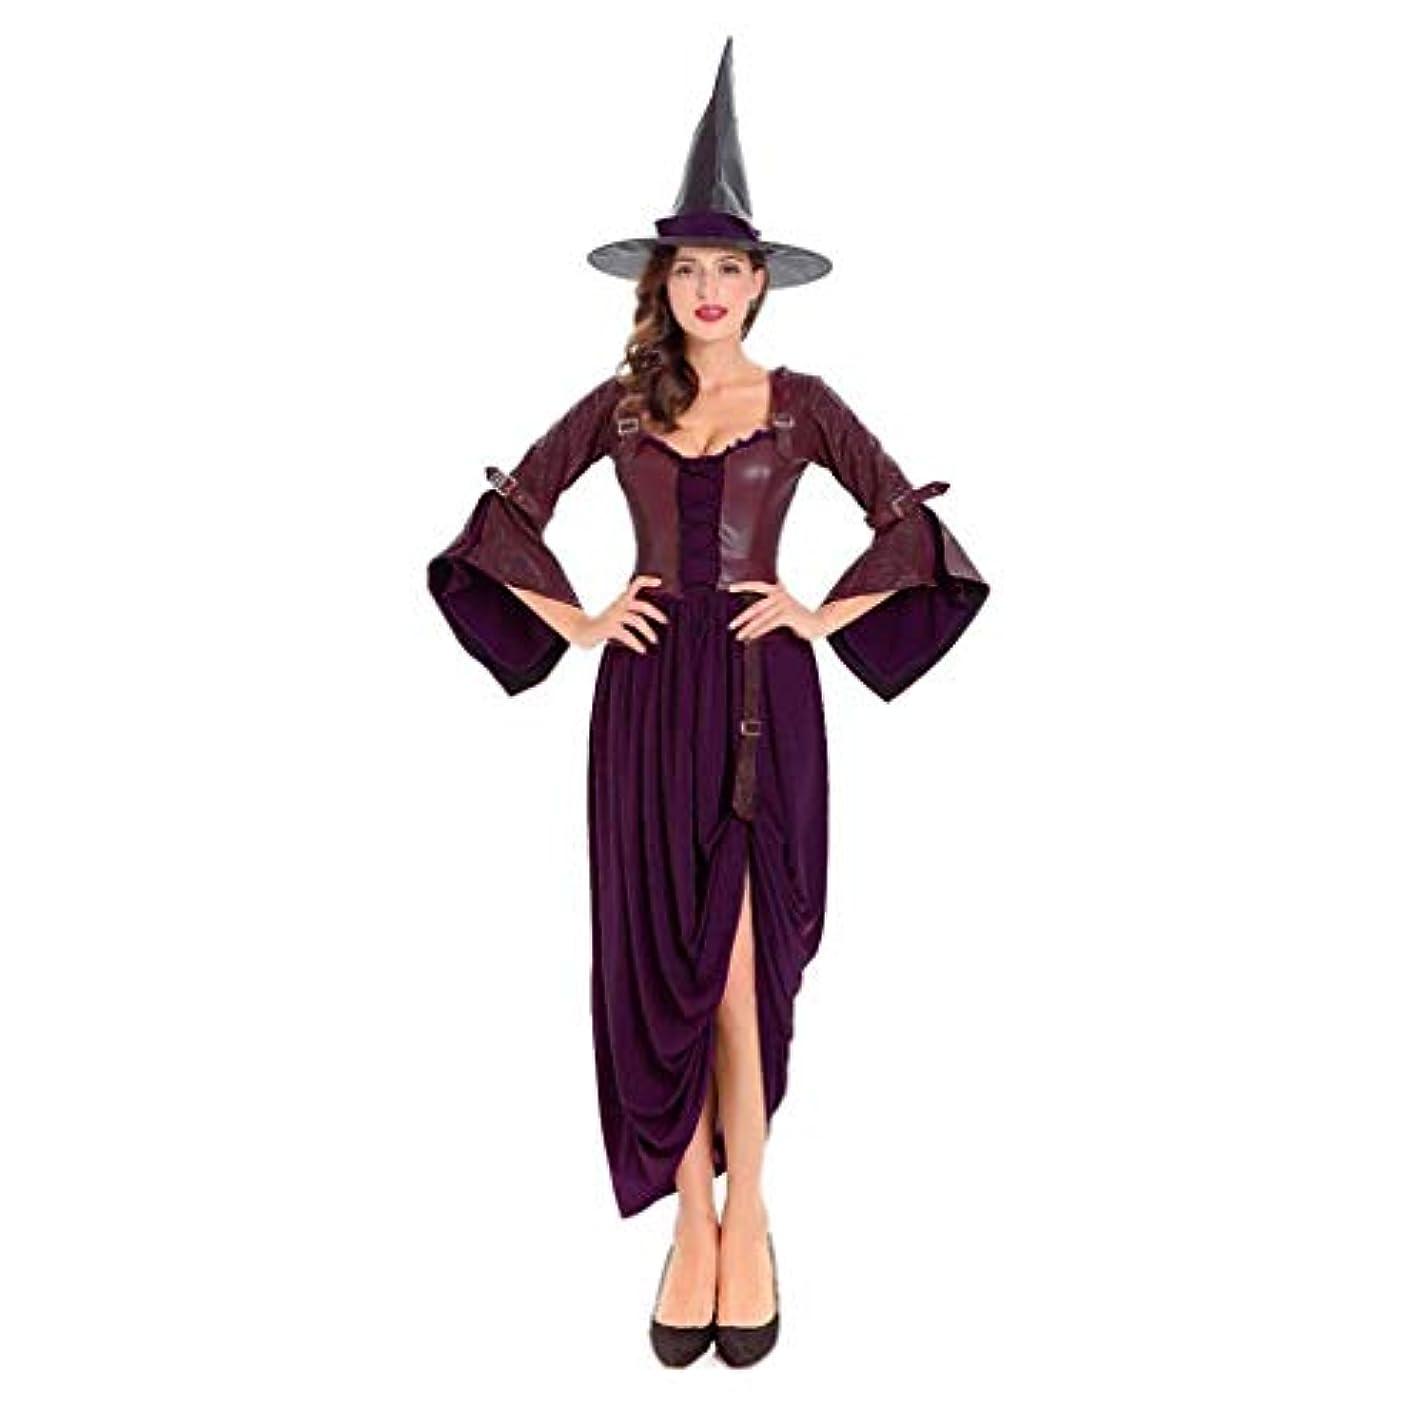 洗剤テープ赤外線SHWSM ハロウィーンコスチュームパーティー、帽子、コスチュームを含む美しい茶色の魔女のロールプレイ、さまざまなテーマパーティー(160cm-175cm)